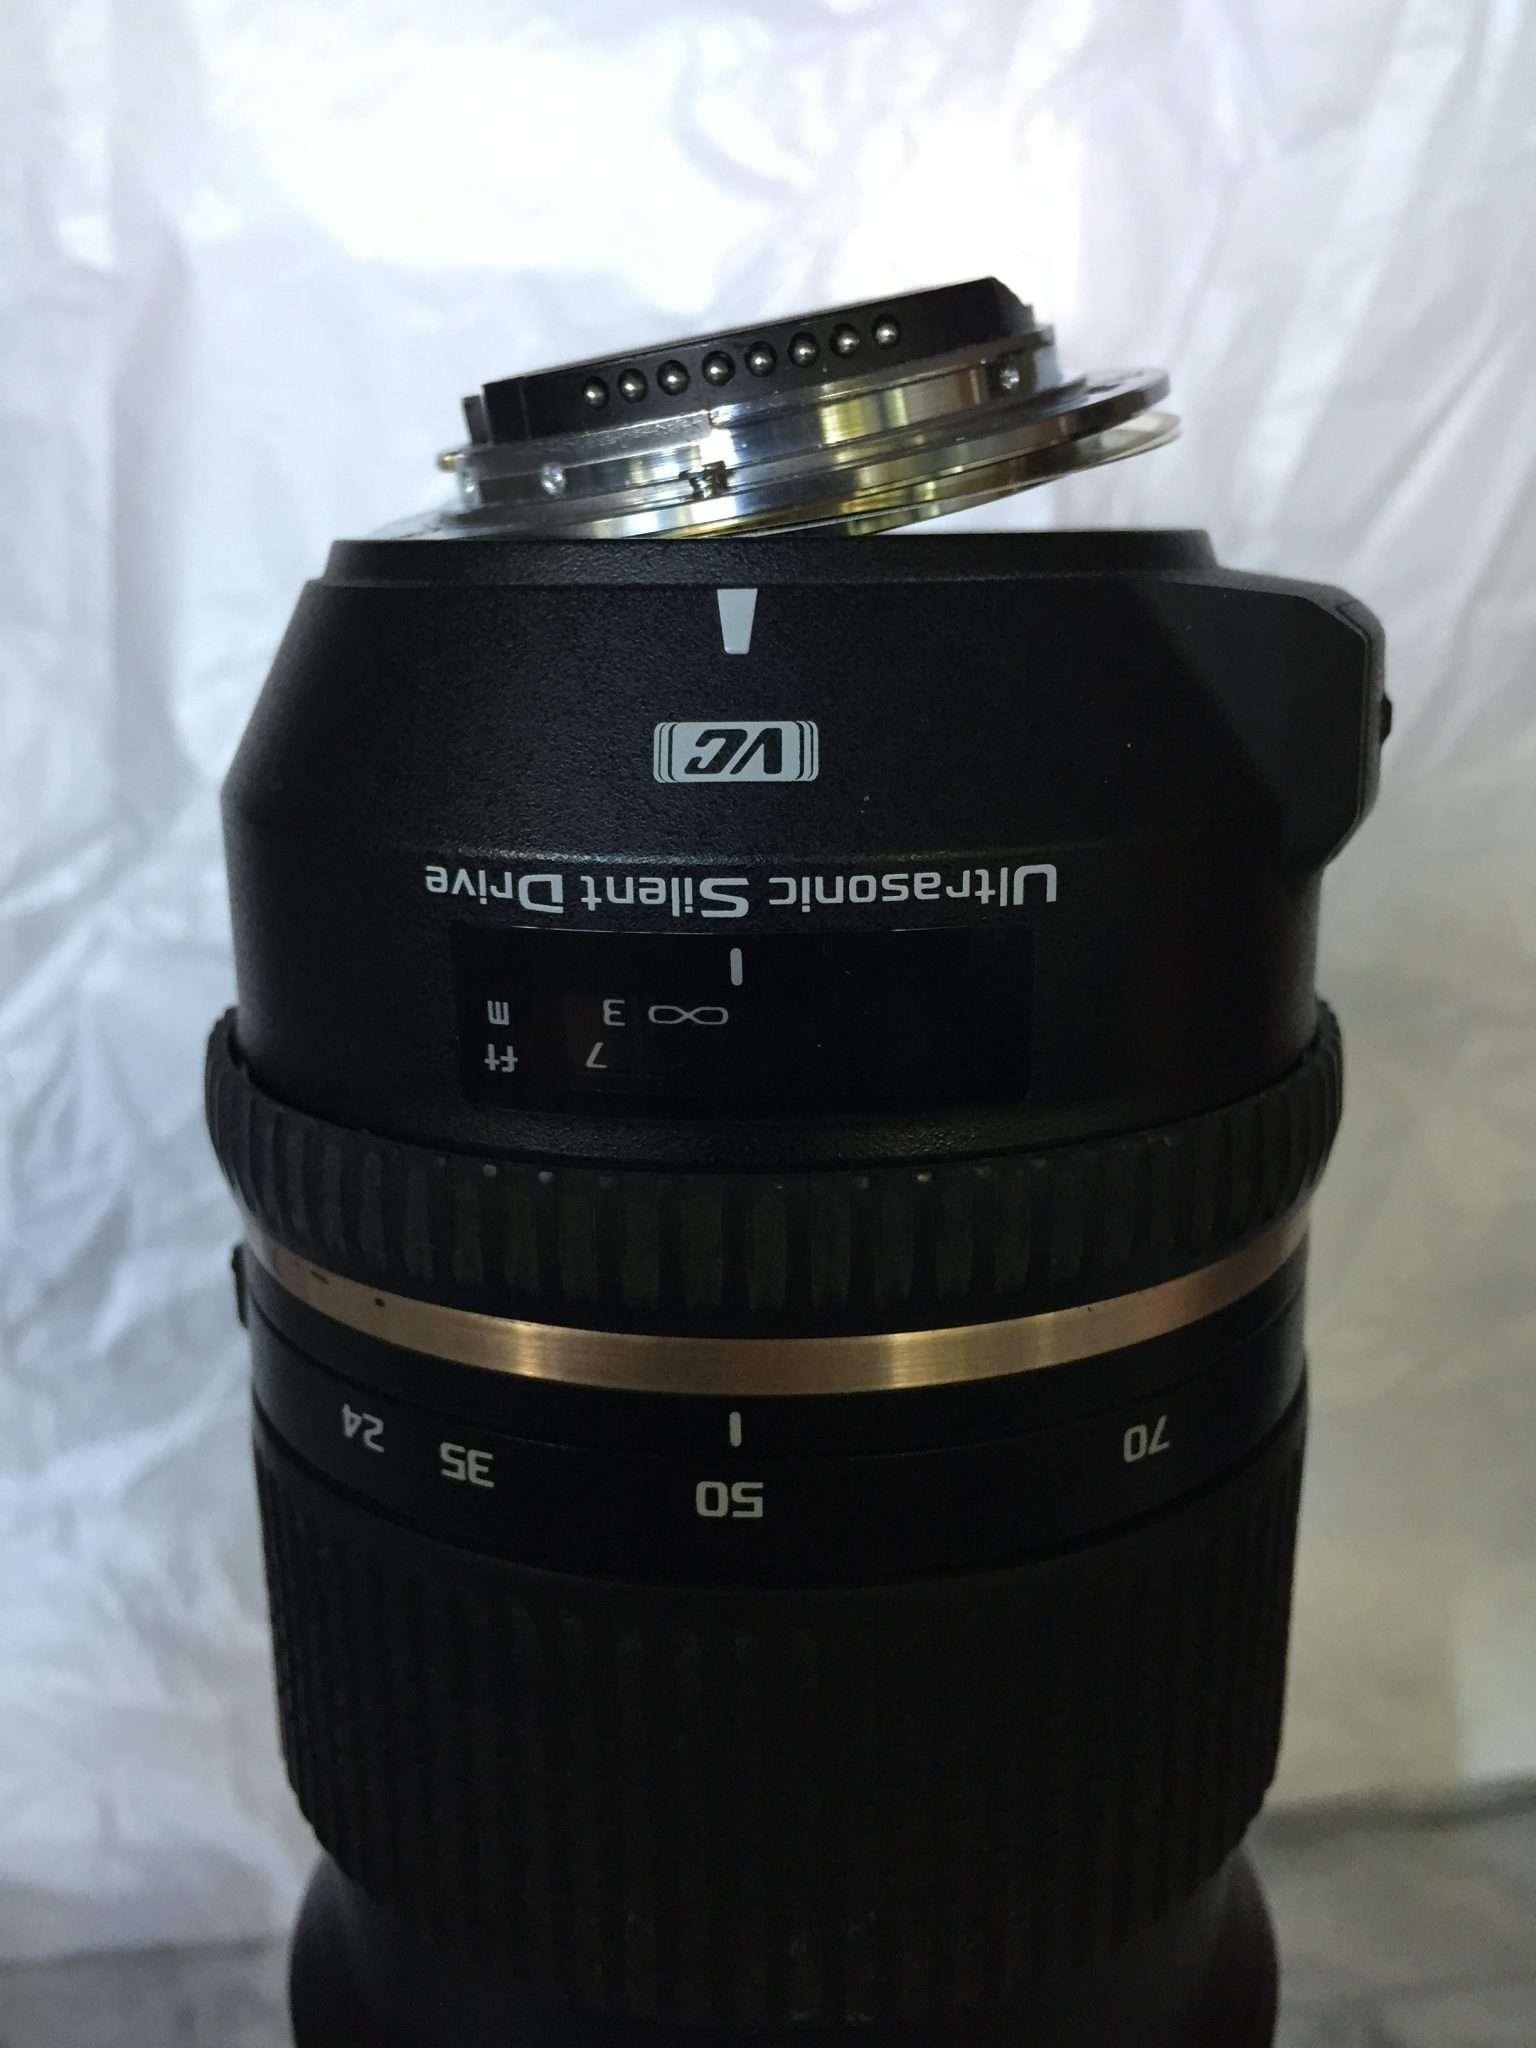 Sad, broken lens